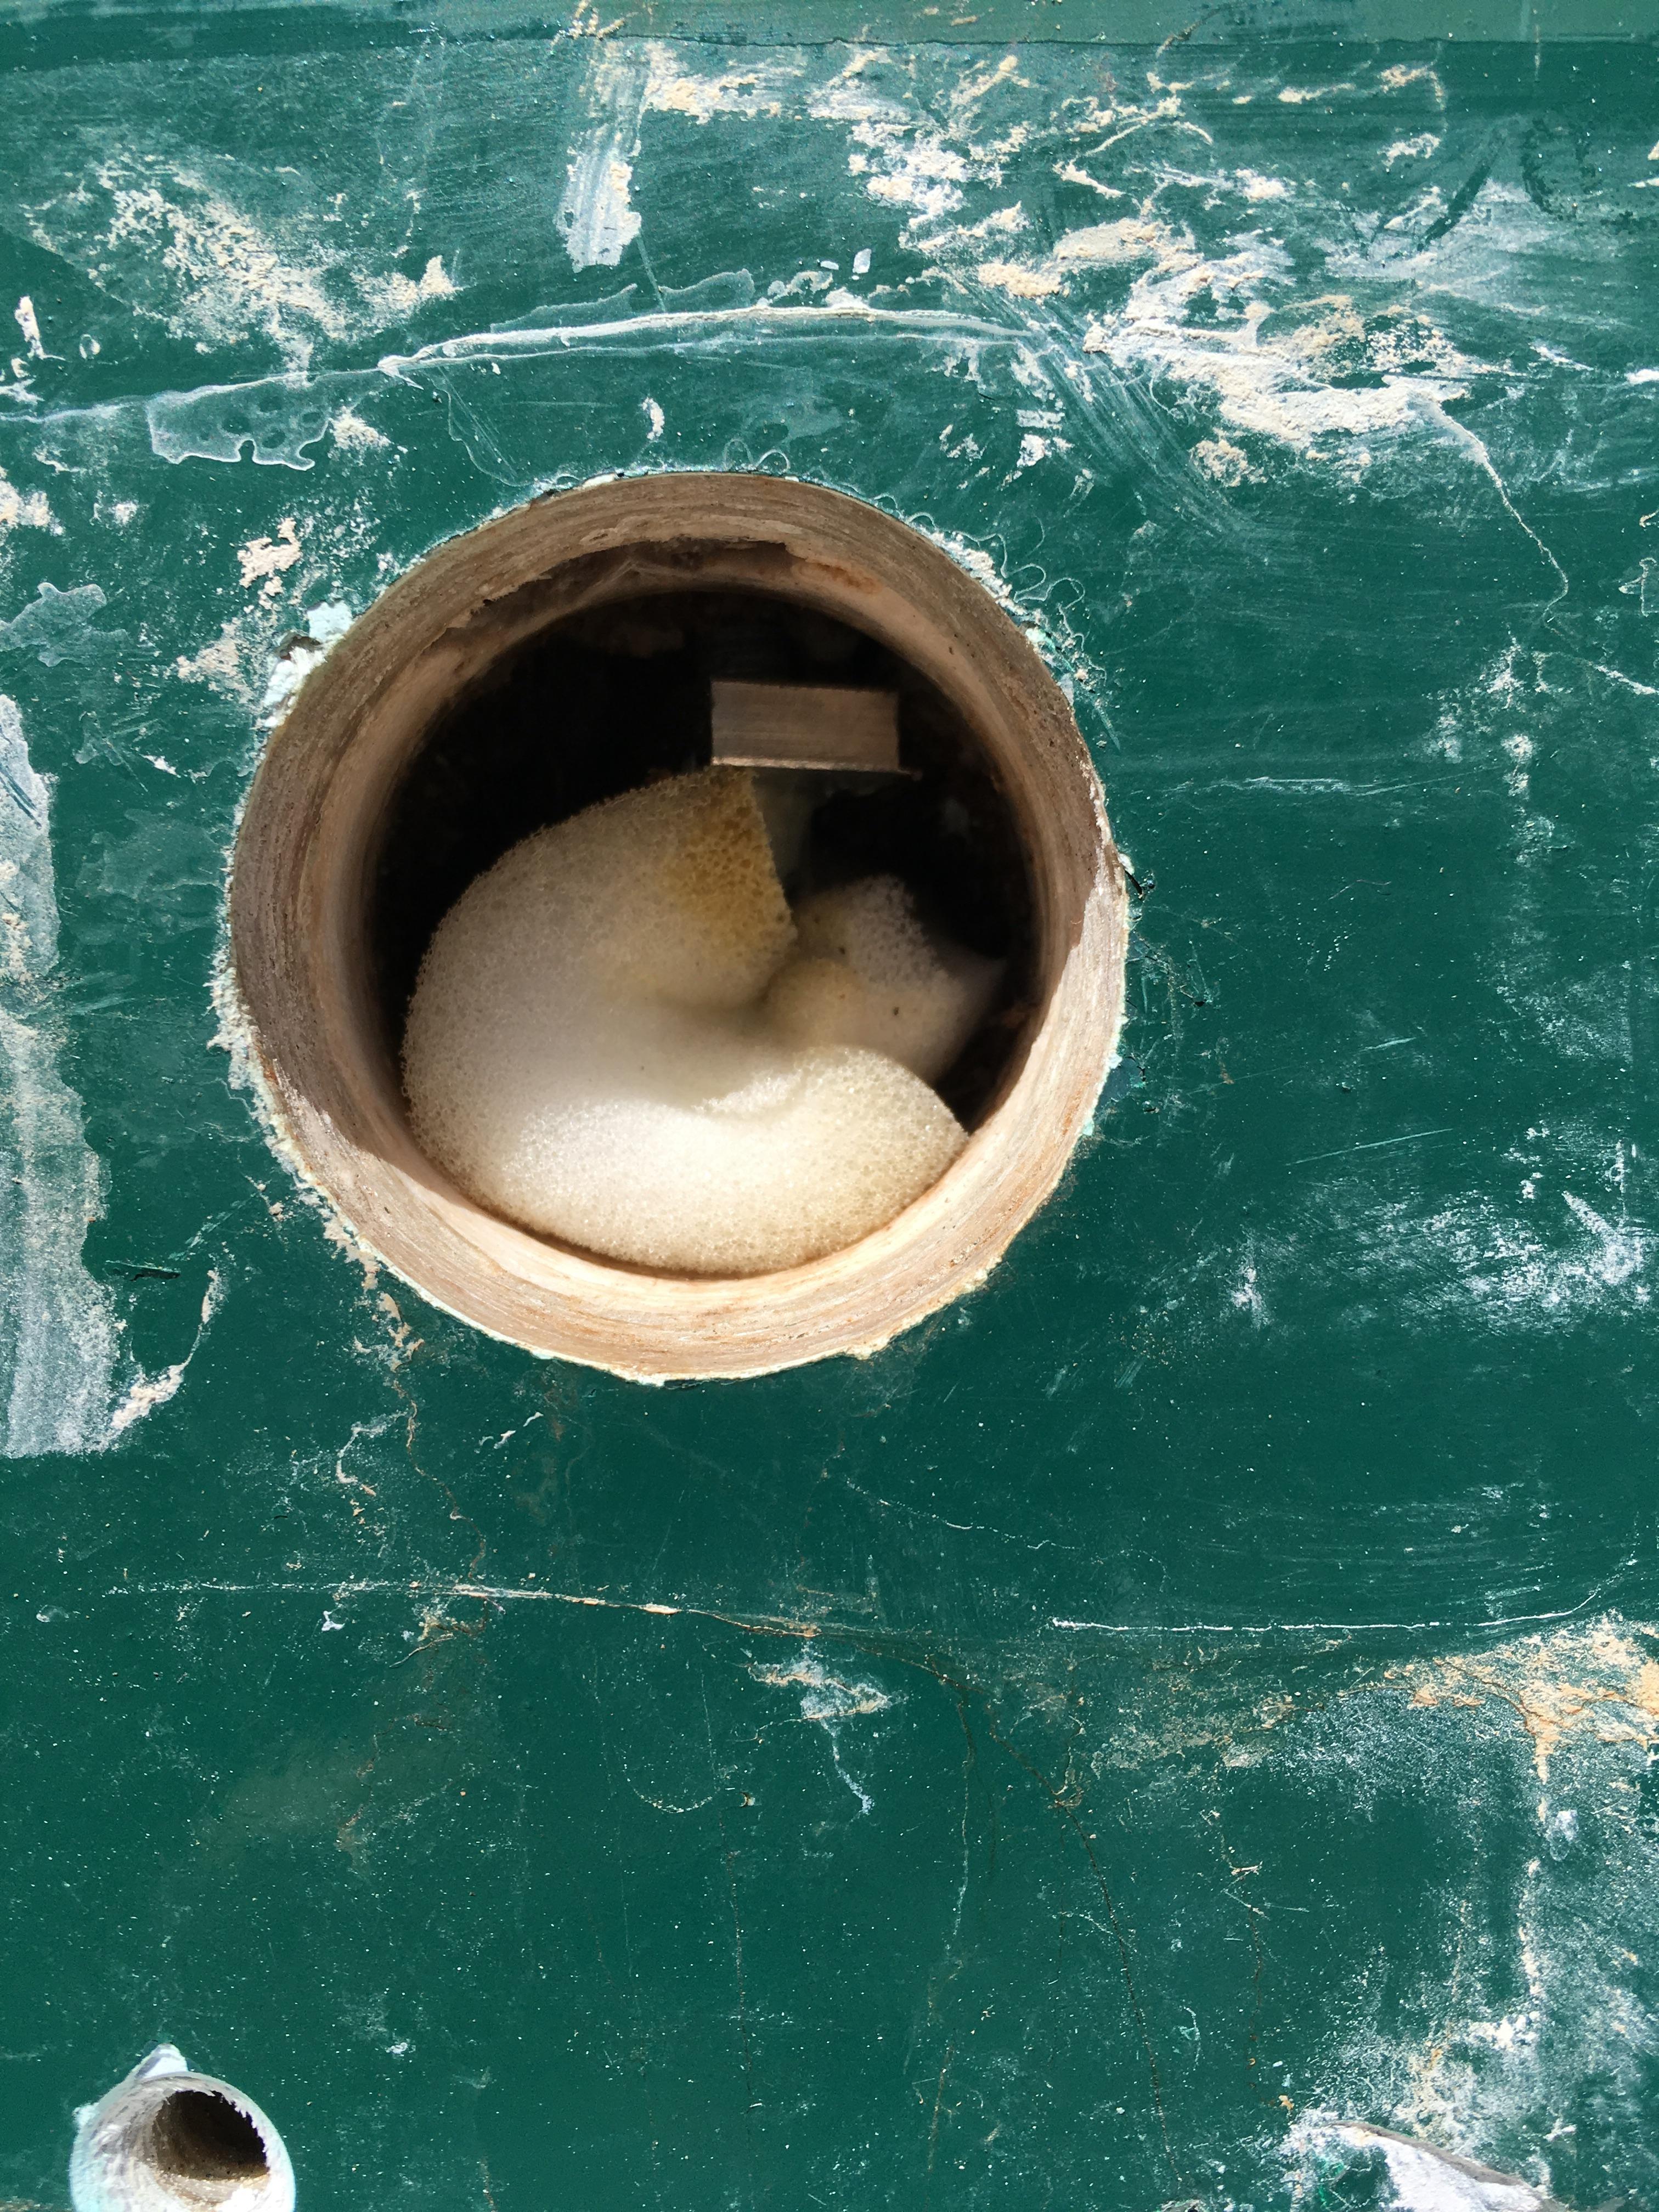 union 36, jib track, leaking bulwarks